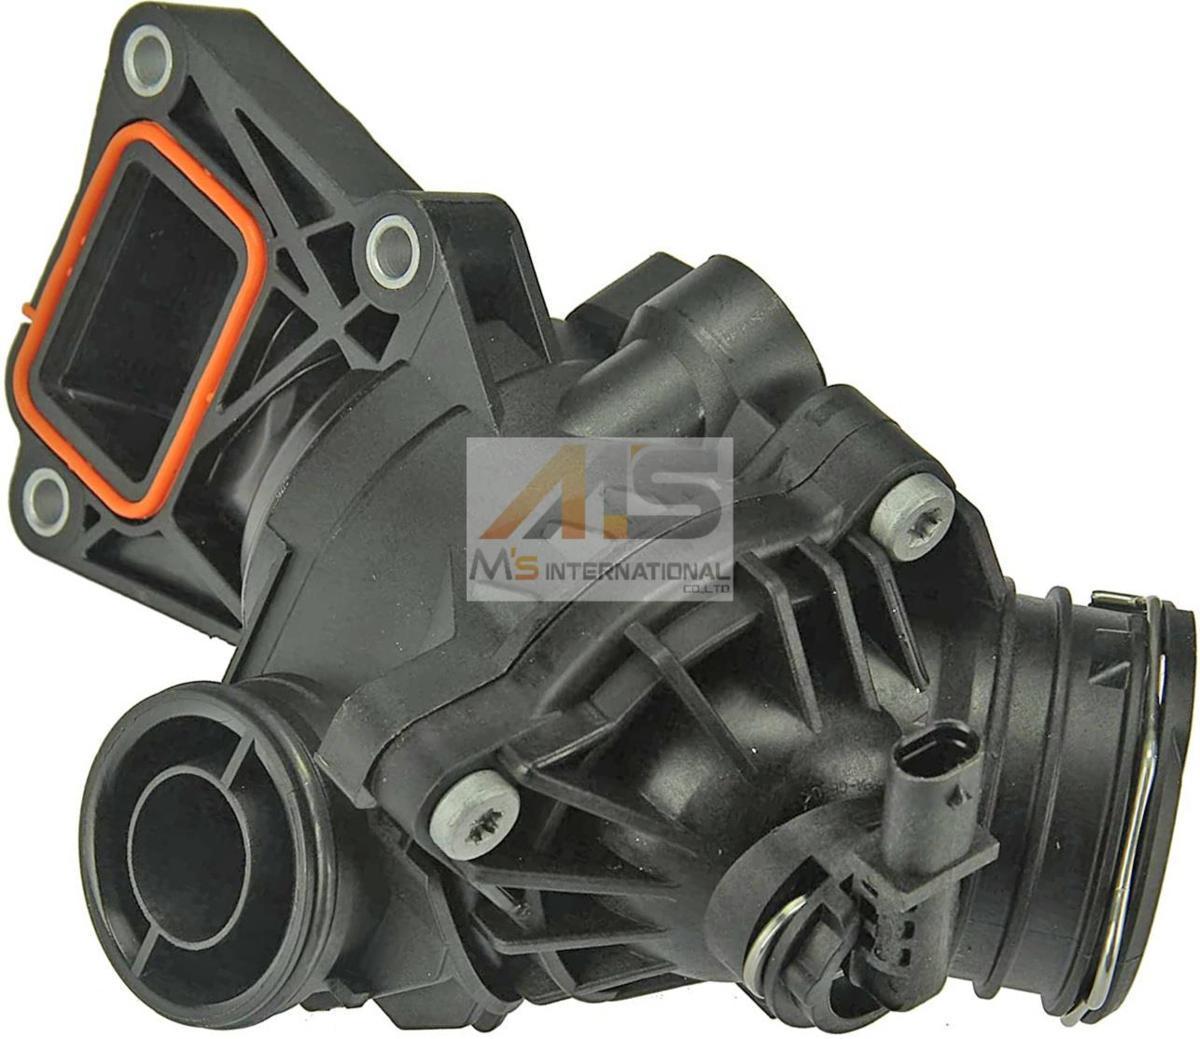 【M's】X204 GLKクラス / W212 W207 Eクラス / W218 X218 CLSクラス V6用 (M276) 優良社外品 サーモスタット // 2762000515 2762000115_画像1